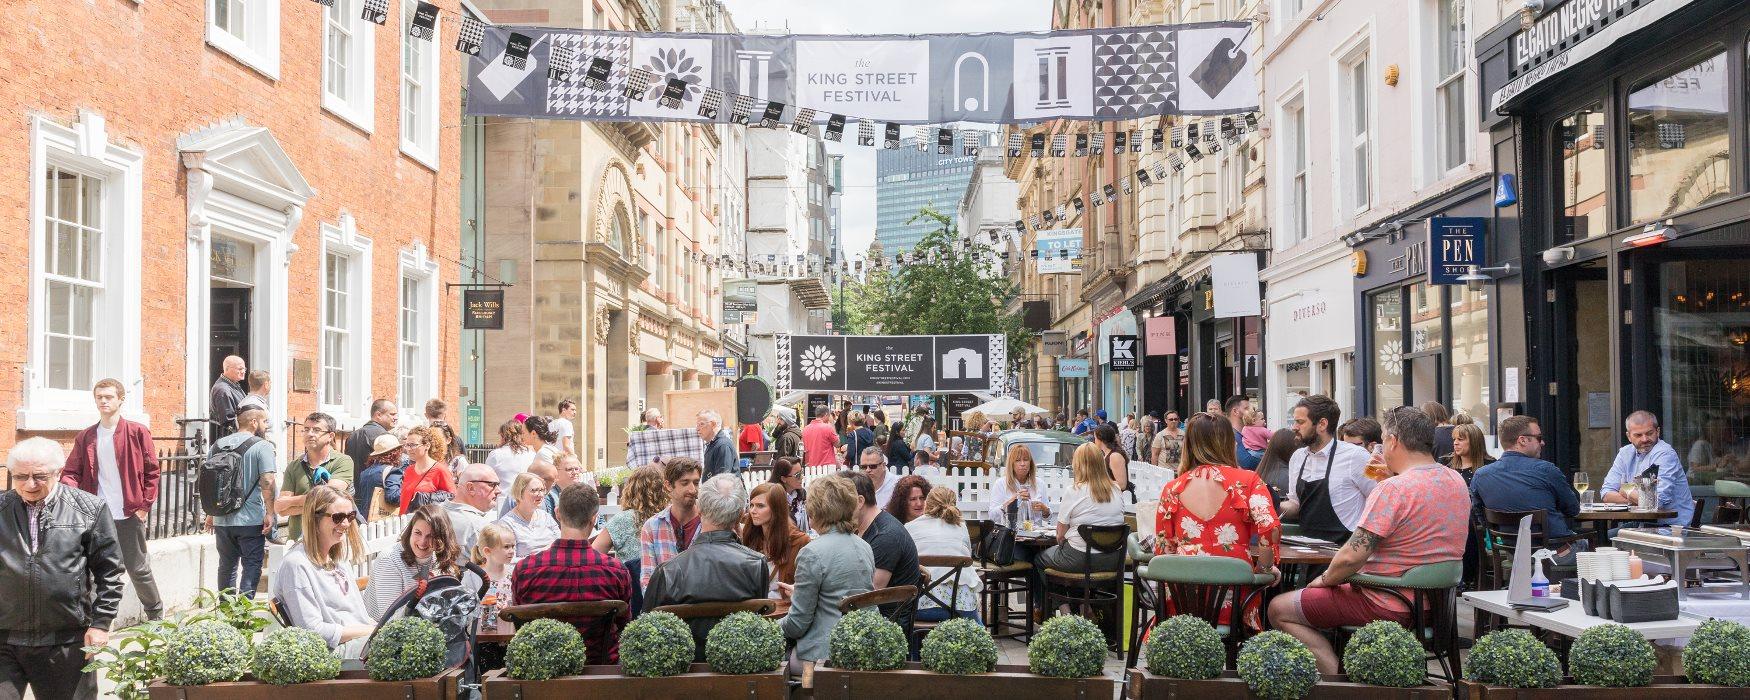 King Street Festival